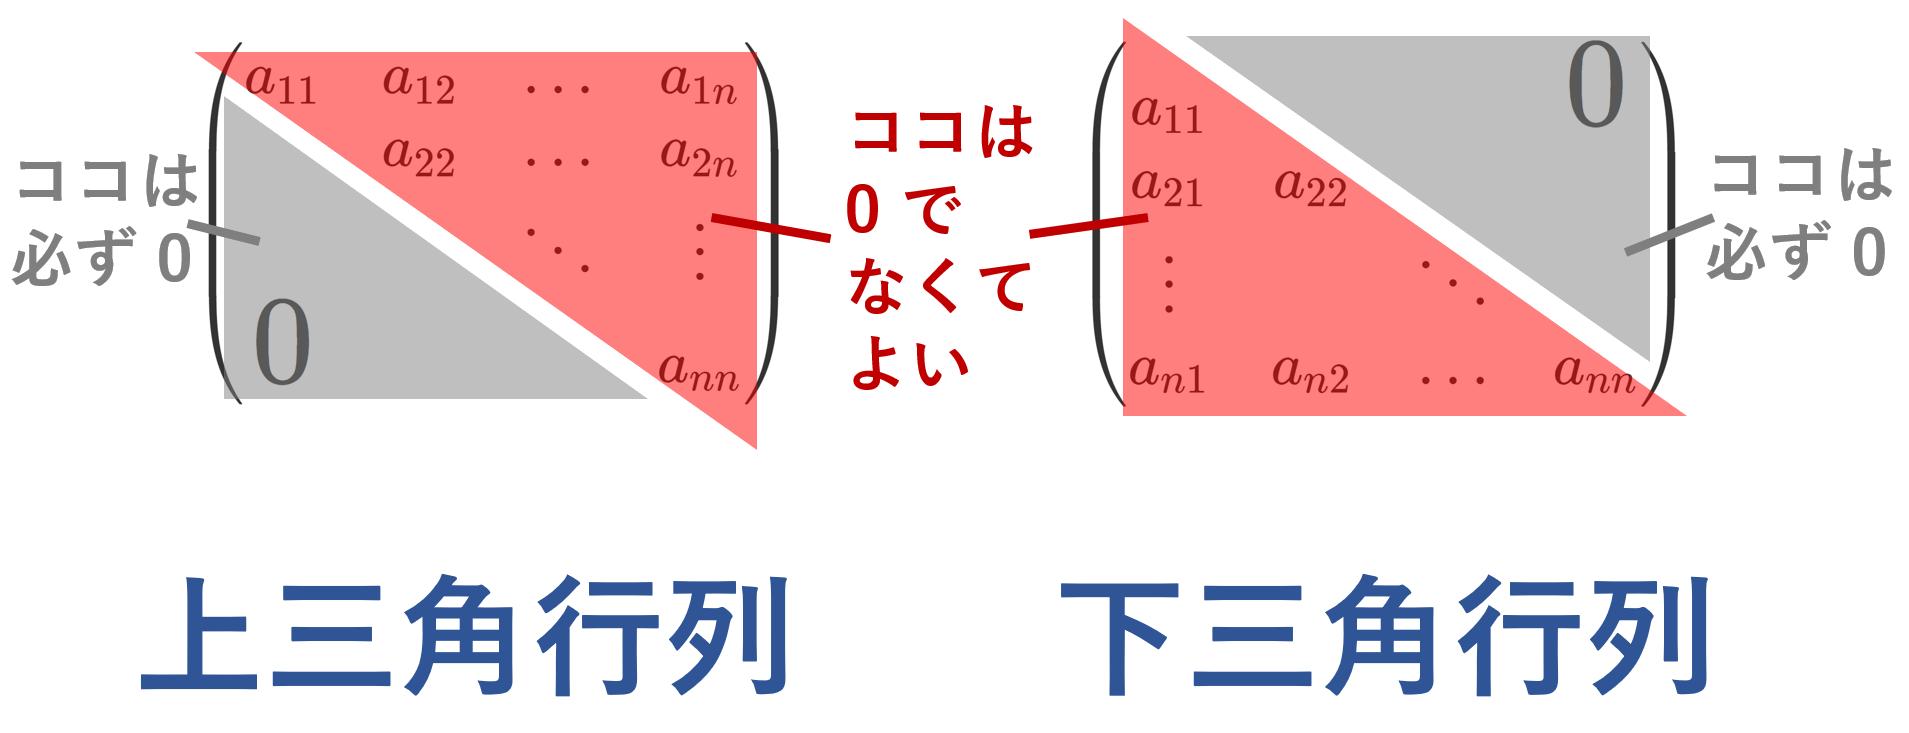 上三角行列・下三角行列の定義と性質6つ